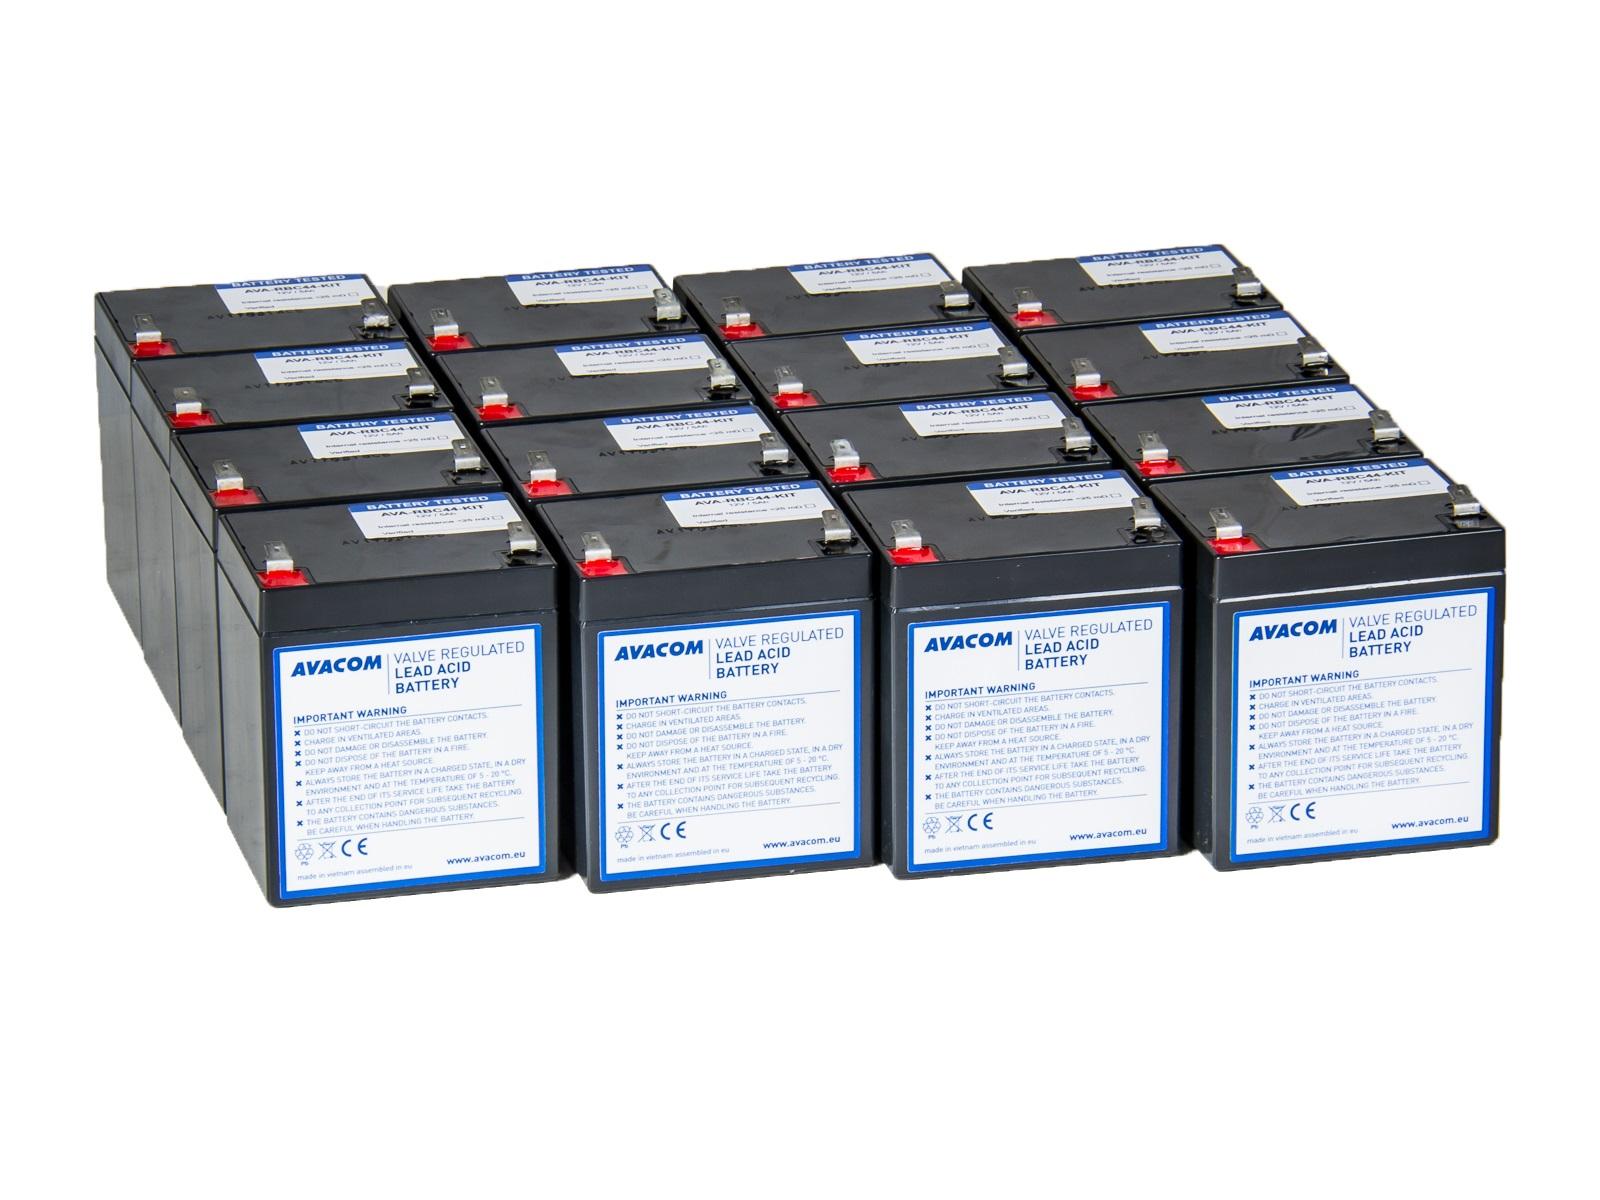 Bateriový kit AVACOM AVA-RBC44-KIT náhrada pro renovaci RBC44 (16ks baterií) - AVA-RBC44-KIT